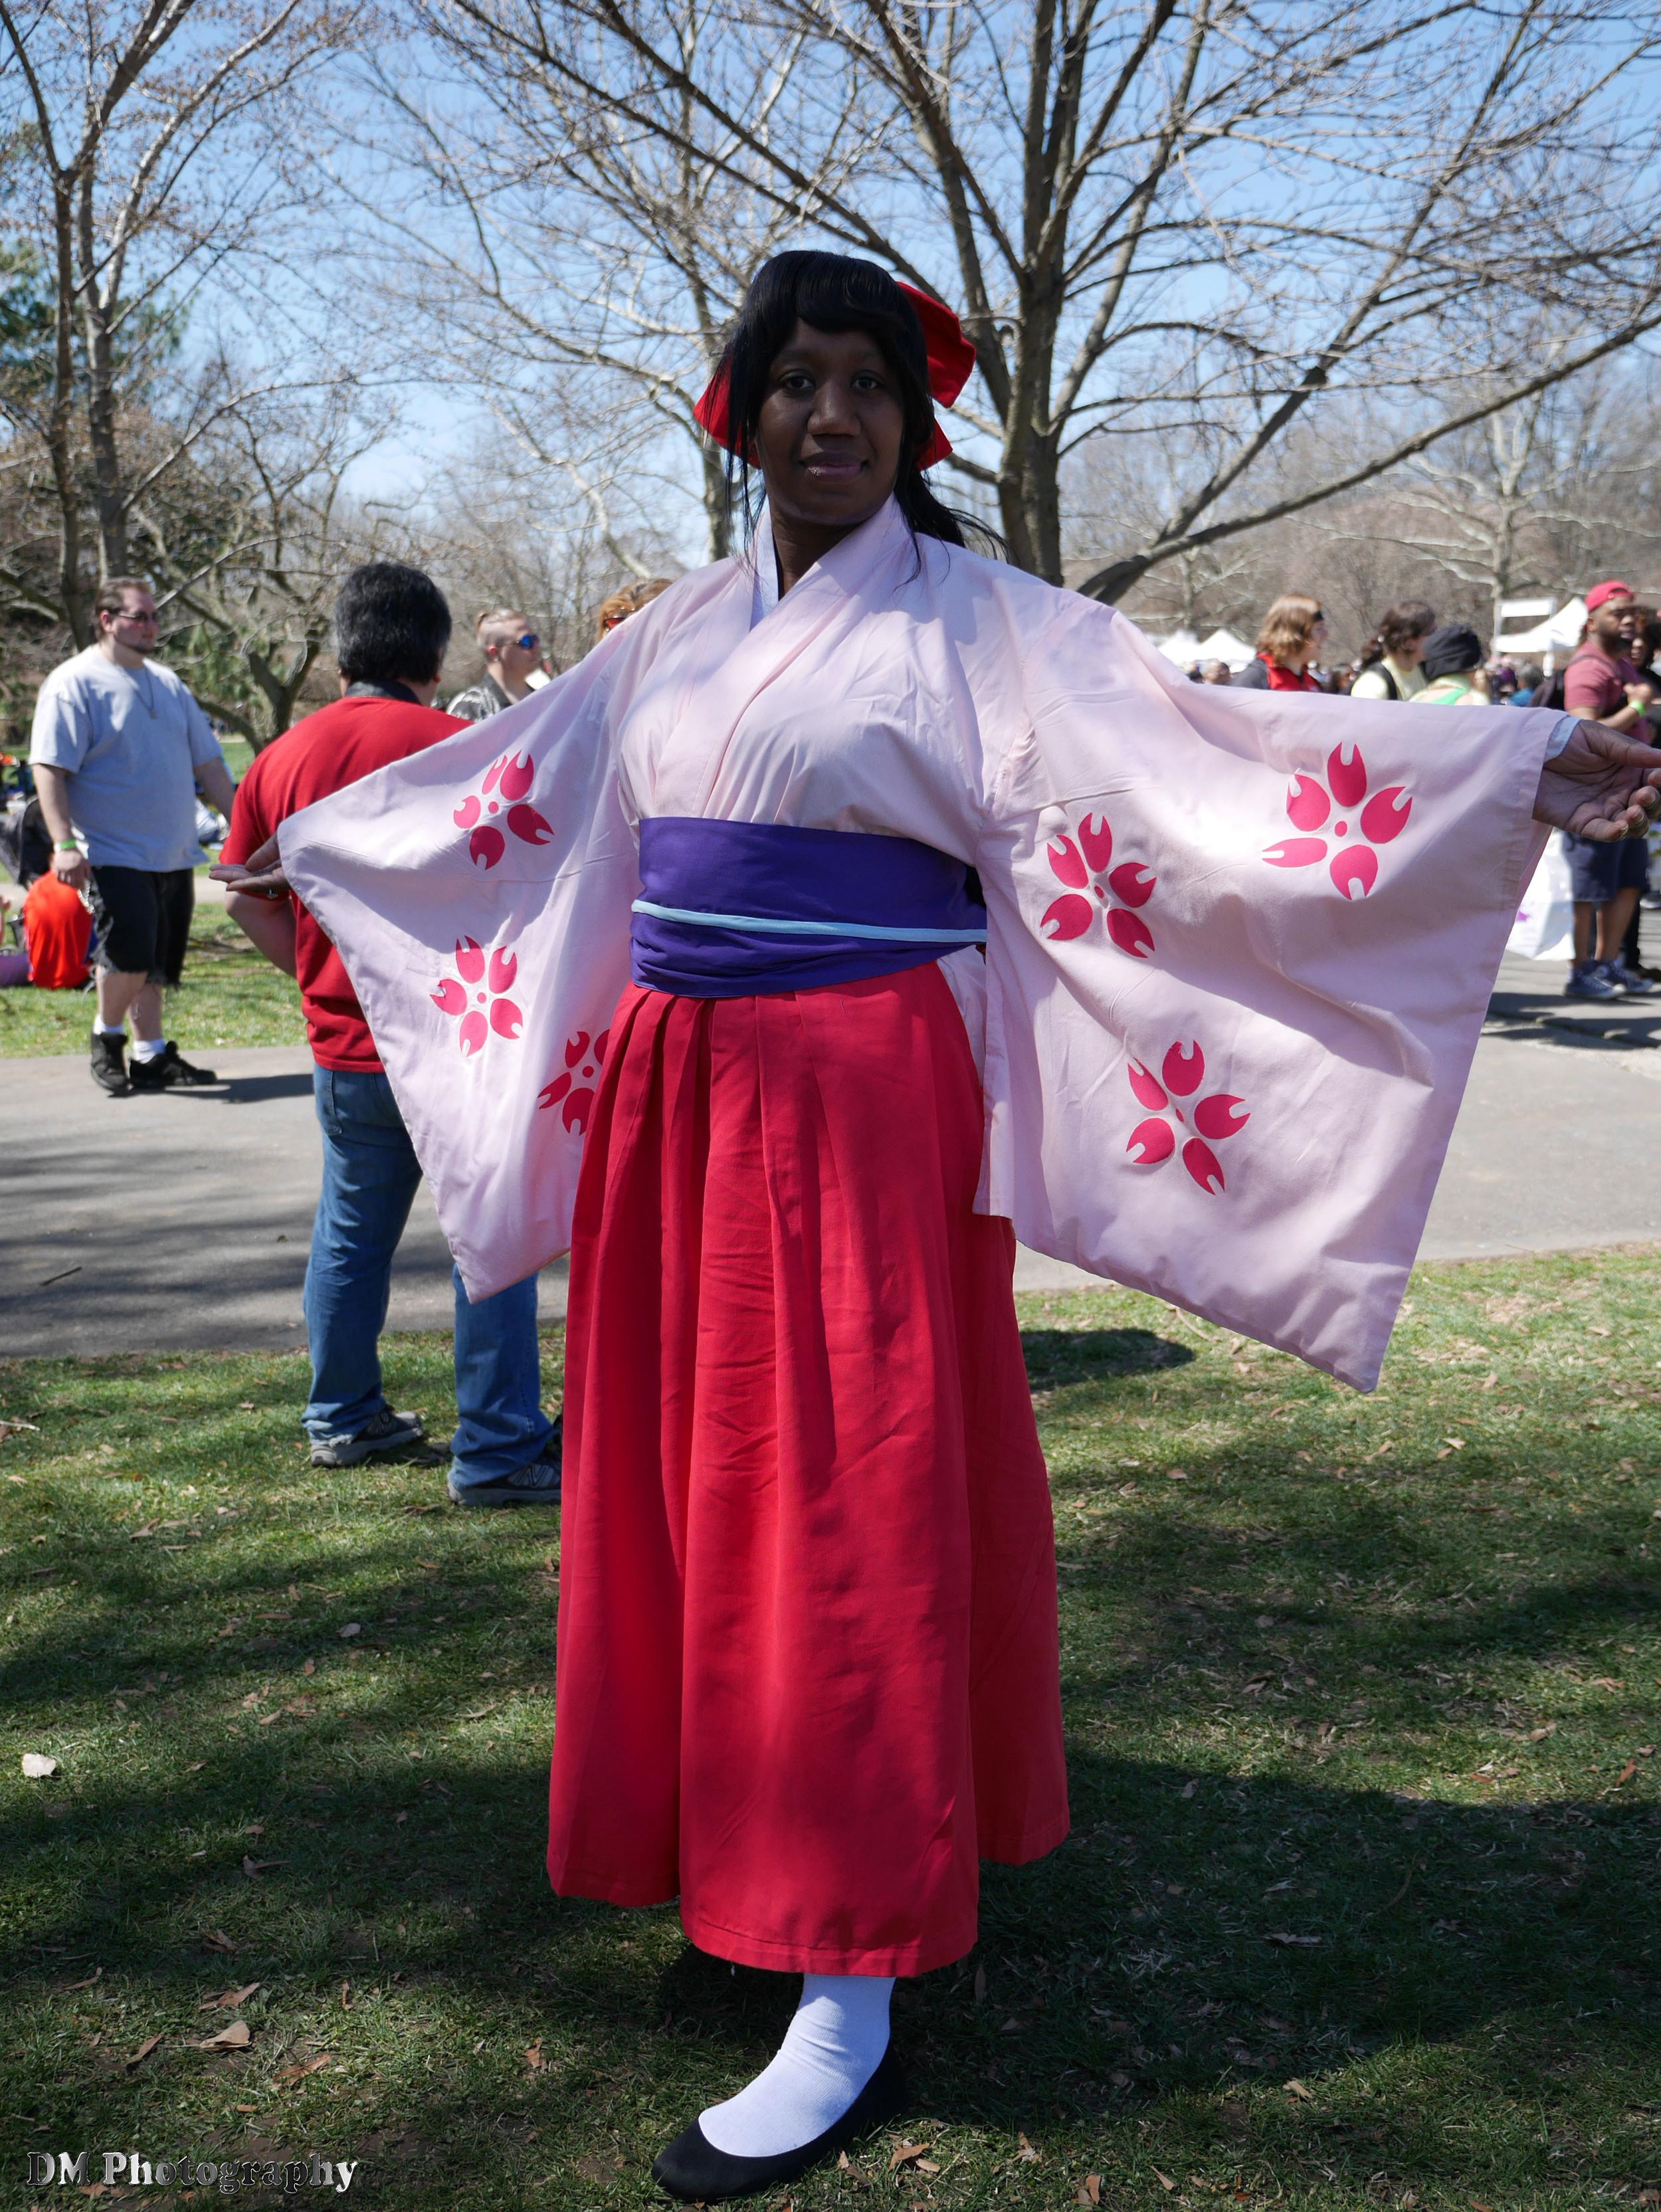 Sakura Shinguji cosplay from Sakura Wars (Sakura Taisen)